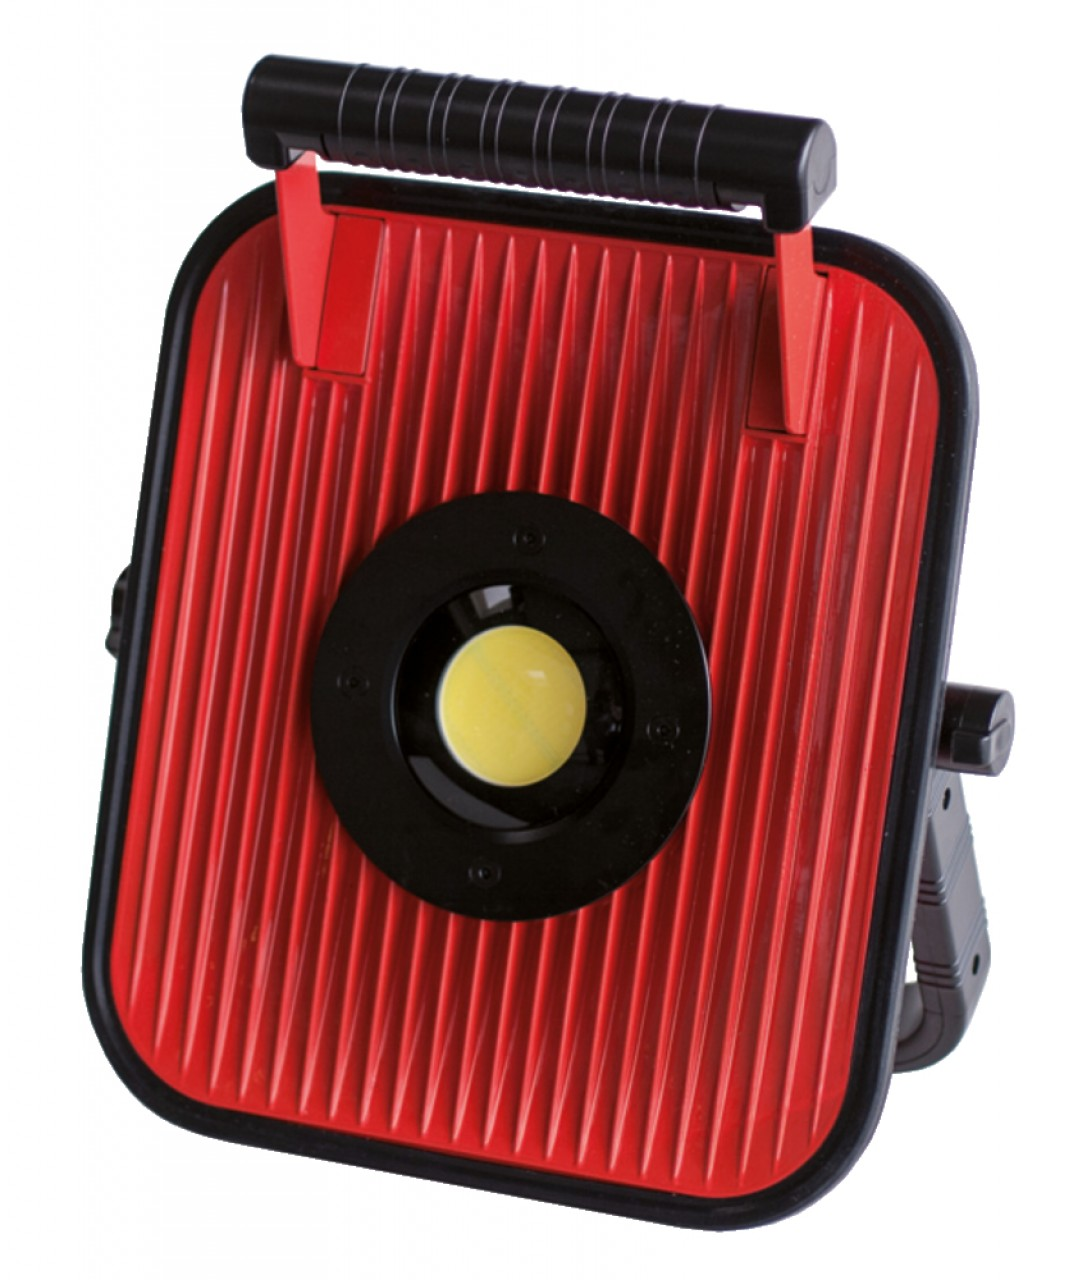 LED-Leuchte 50W mit Li-Ion Akku und Bluetooth Lautsprecher